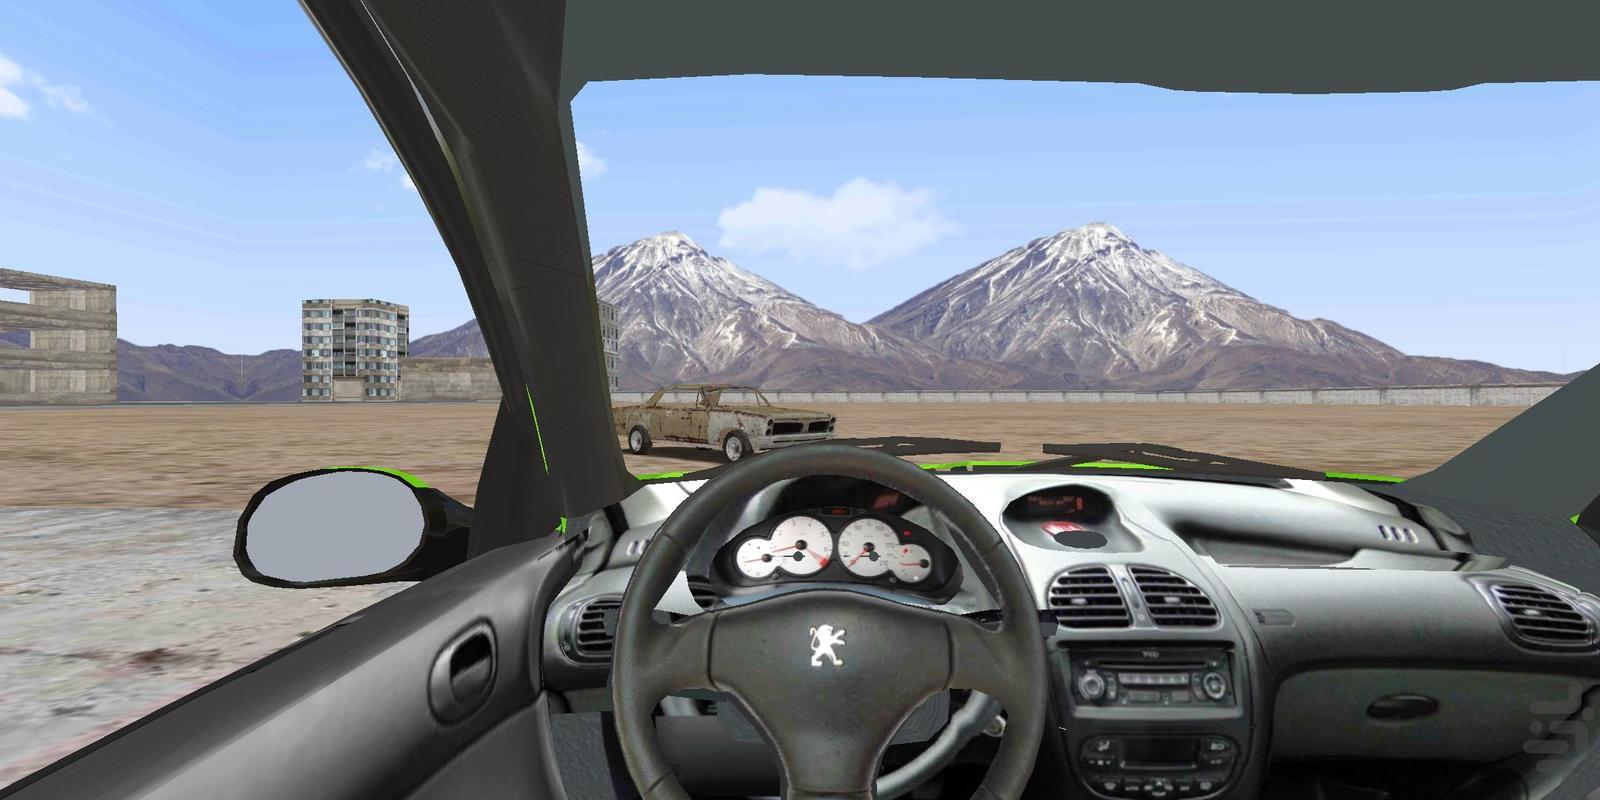 ماشین بازی پژو 206 - عکس بازی موبایلی اندروید